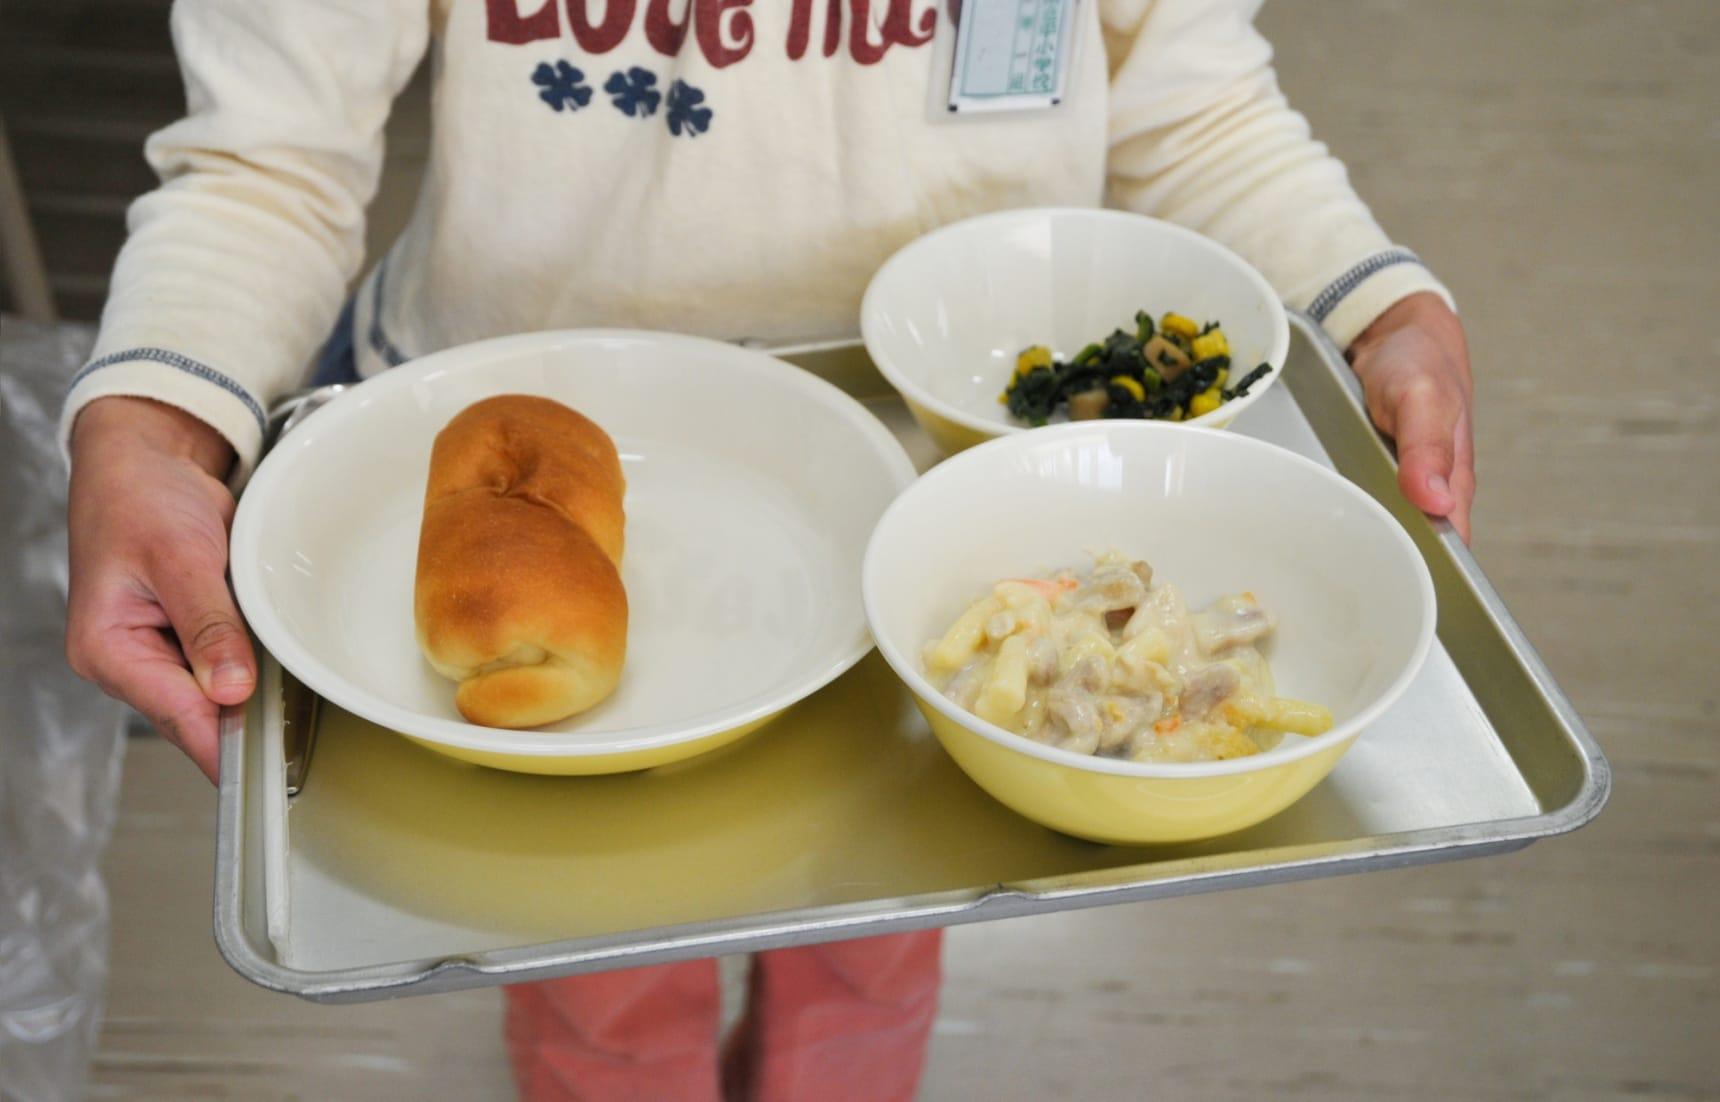 5 Sweet Memories From School Lunch